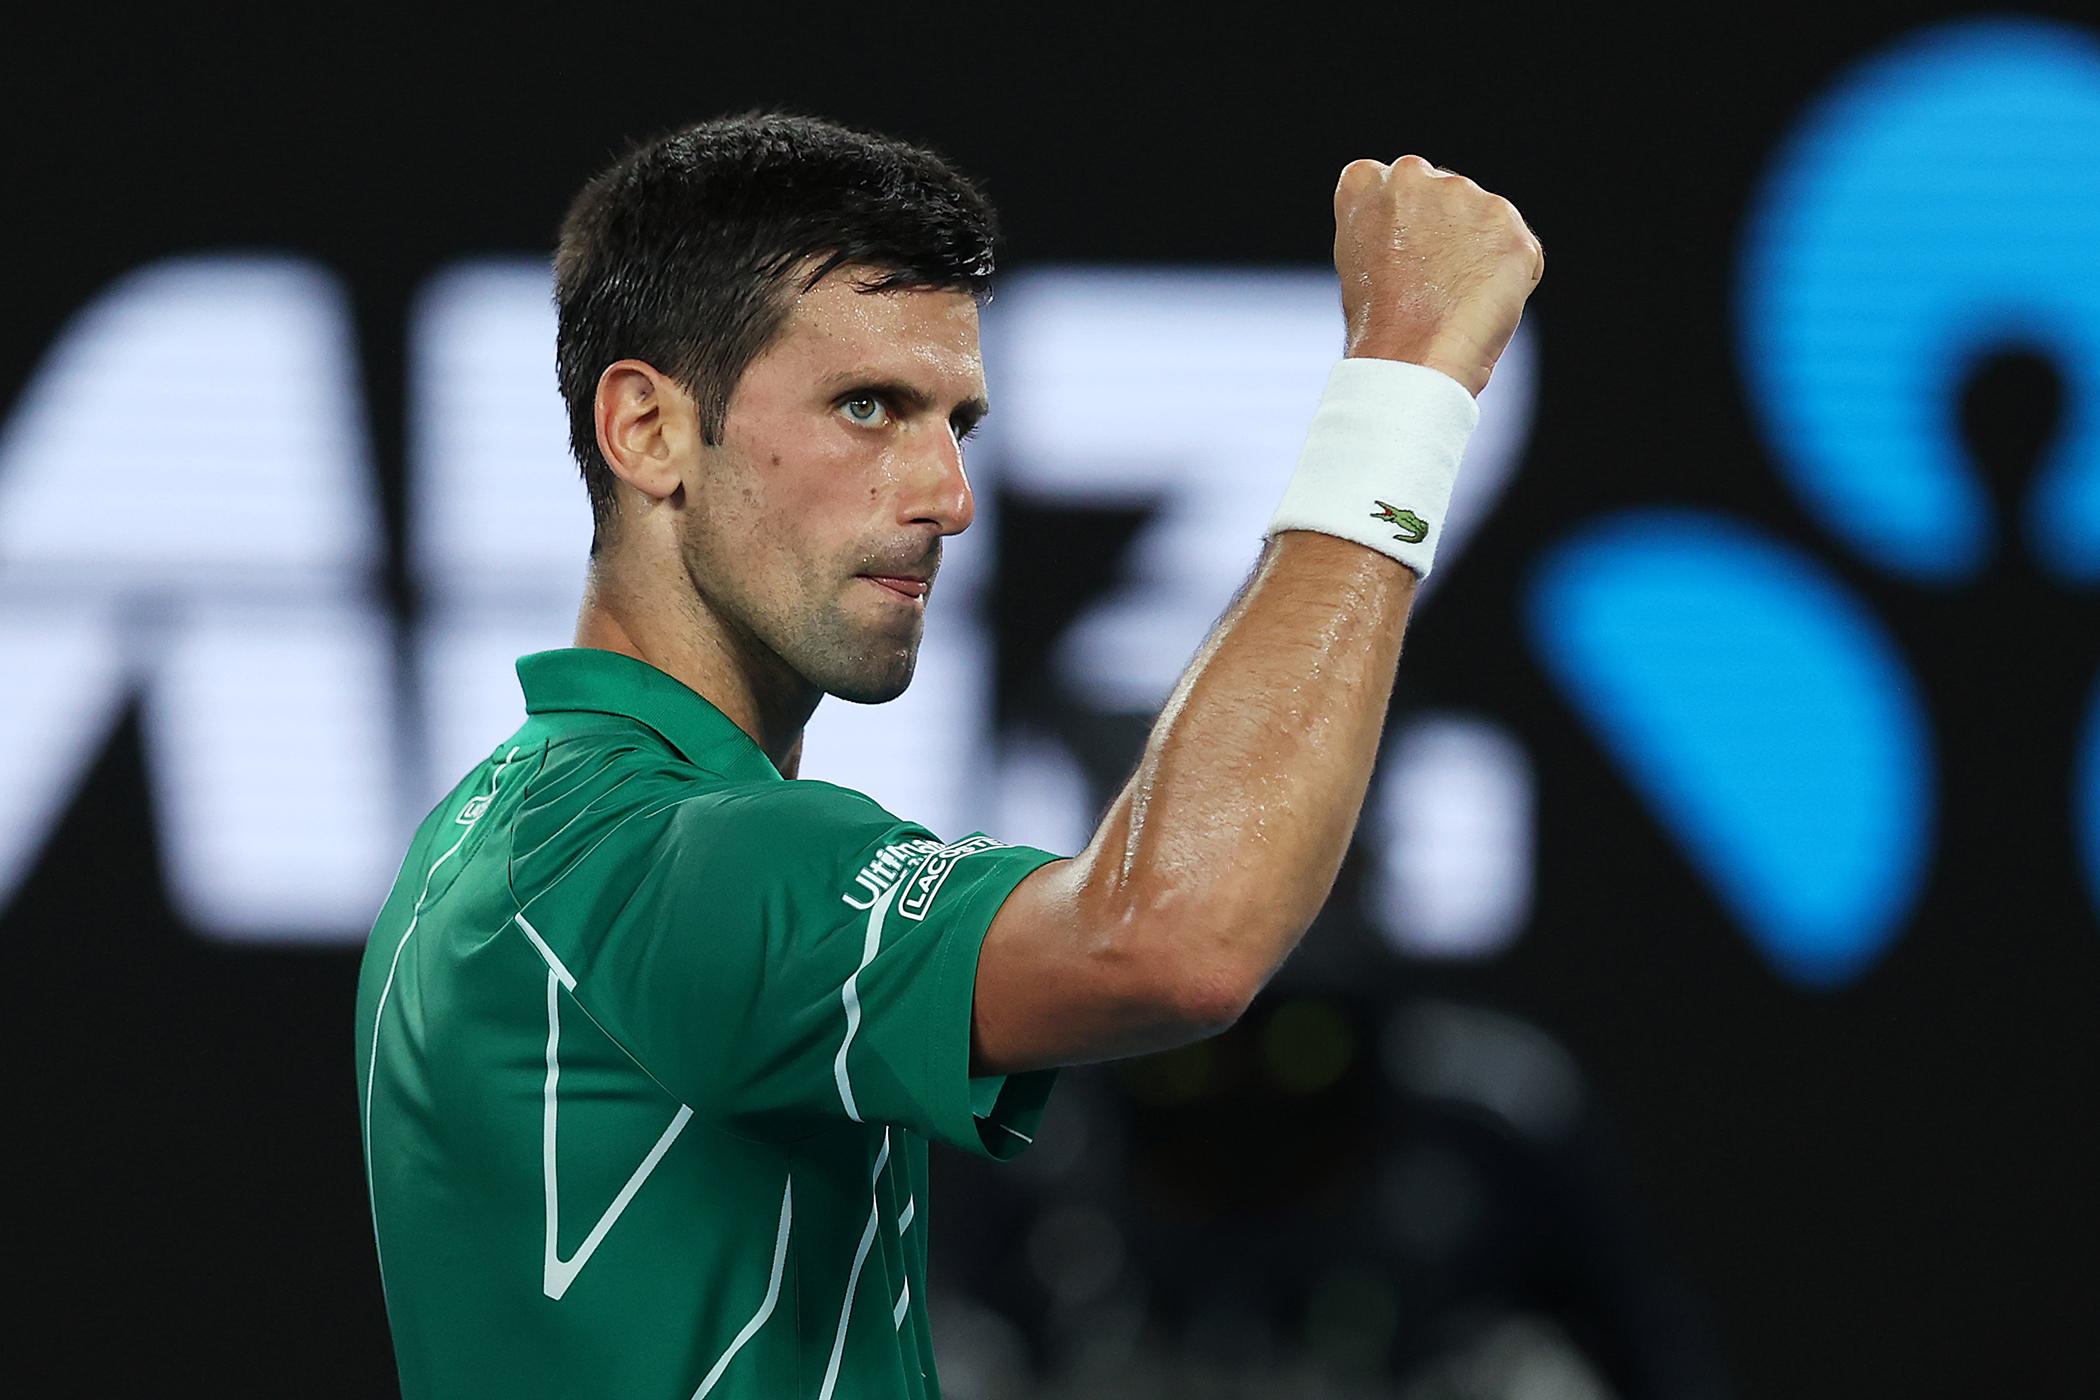 Ranking congelado não contará semanas na liderança por Djokovic